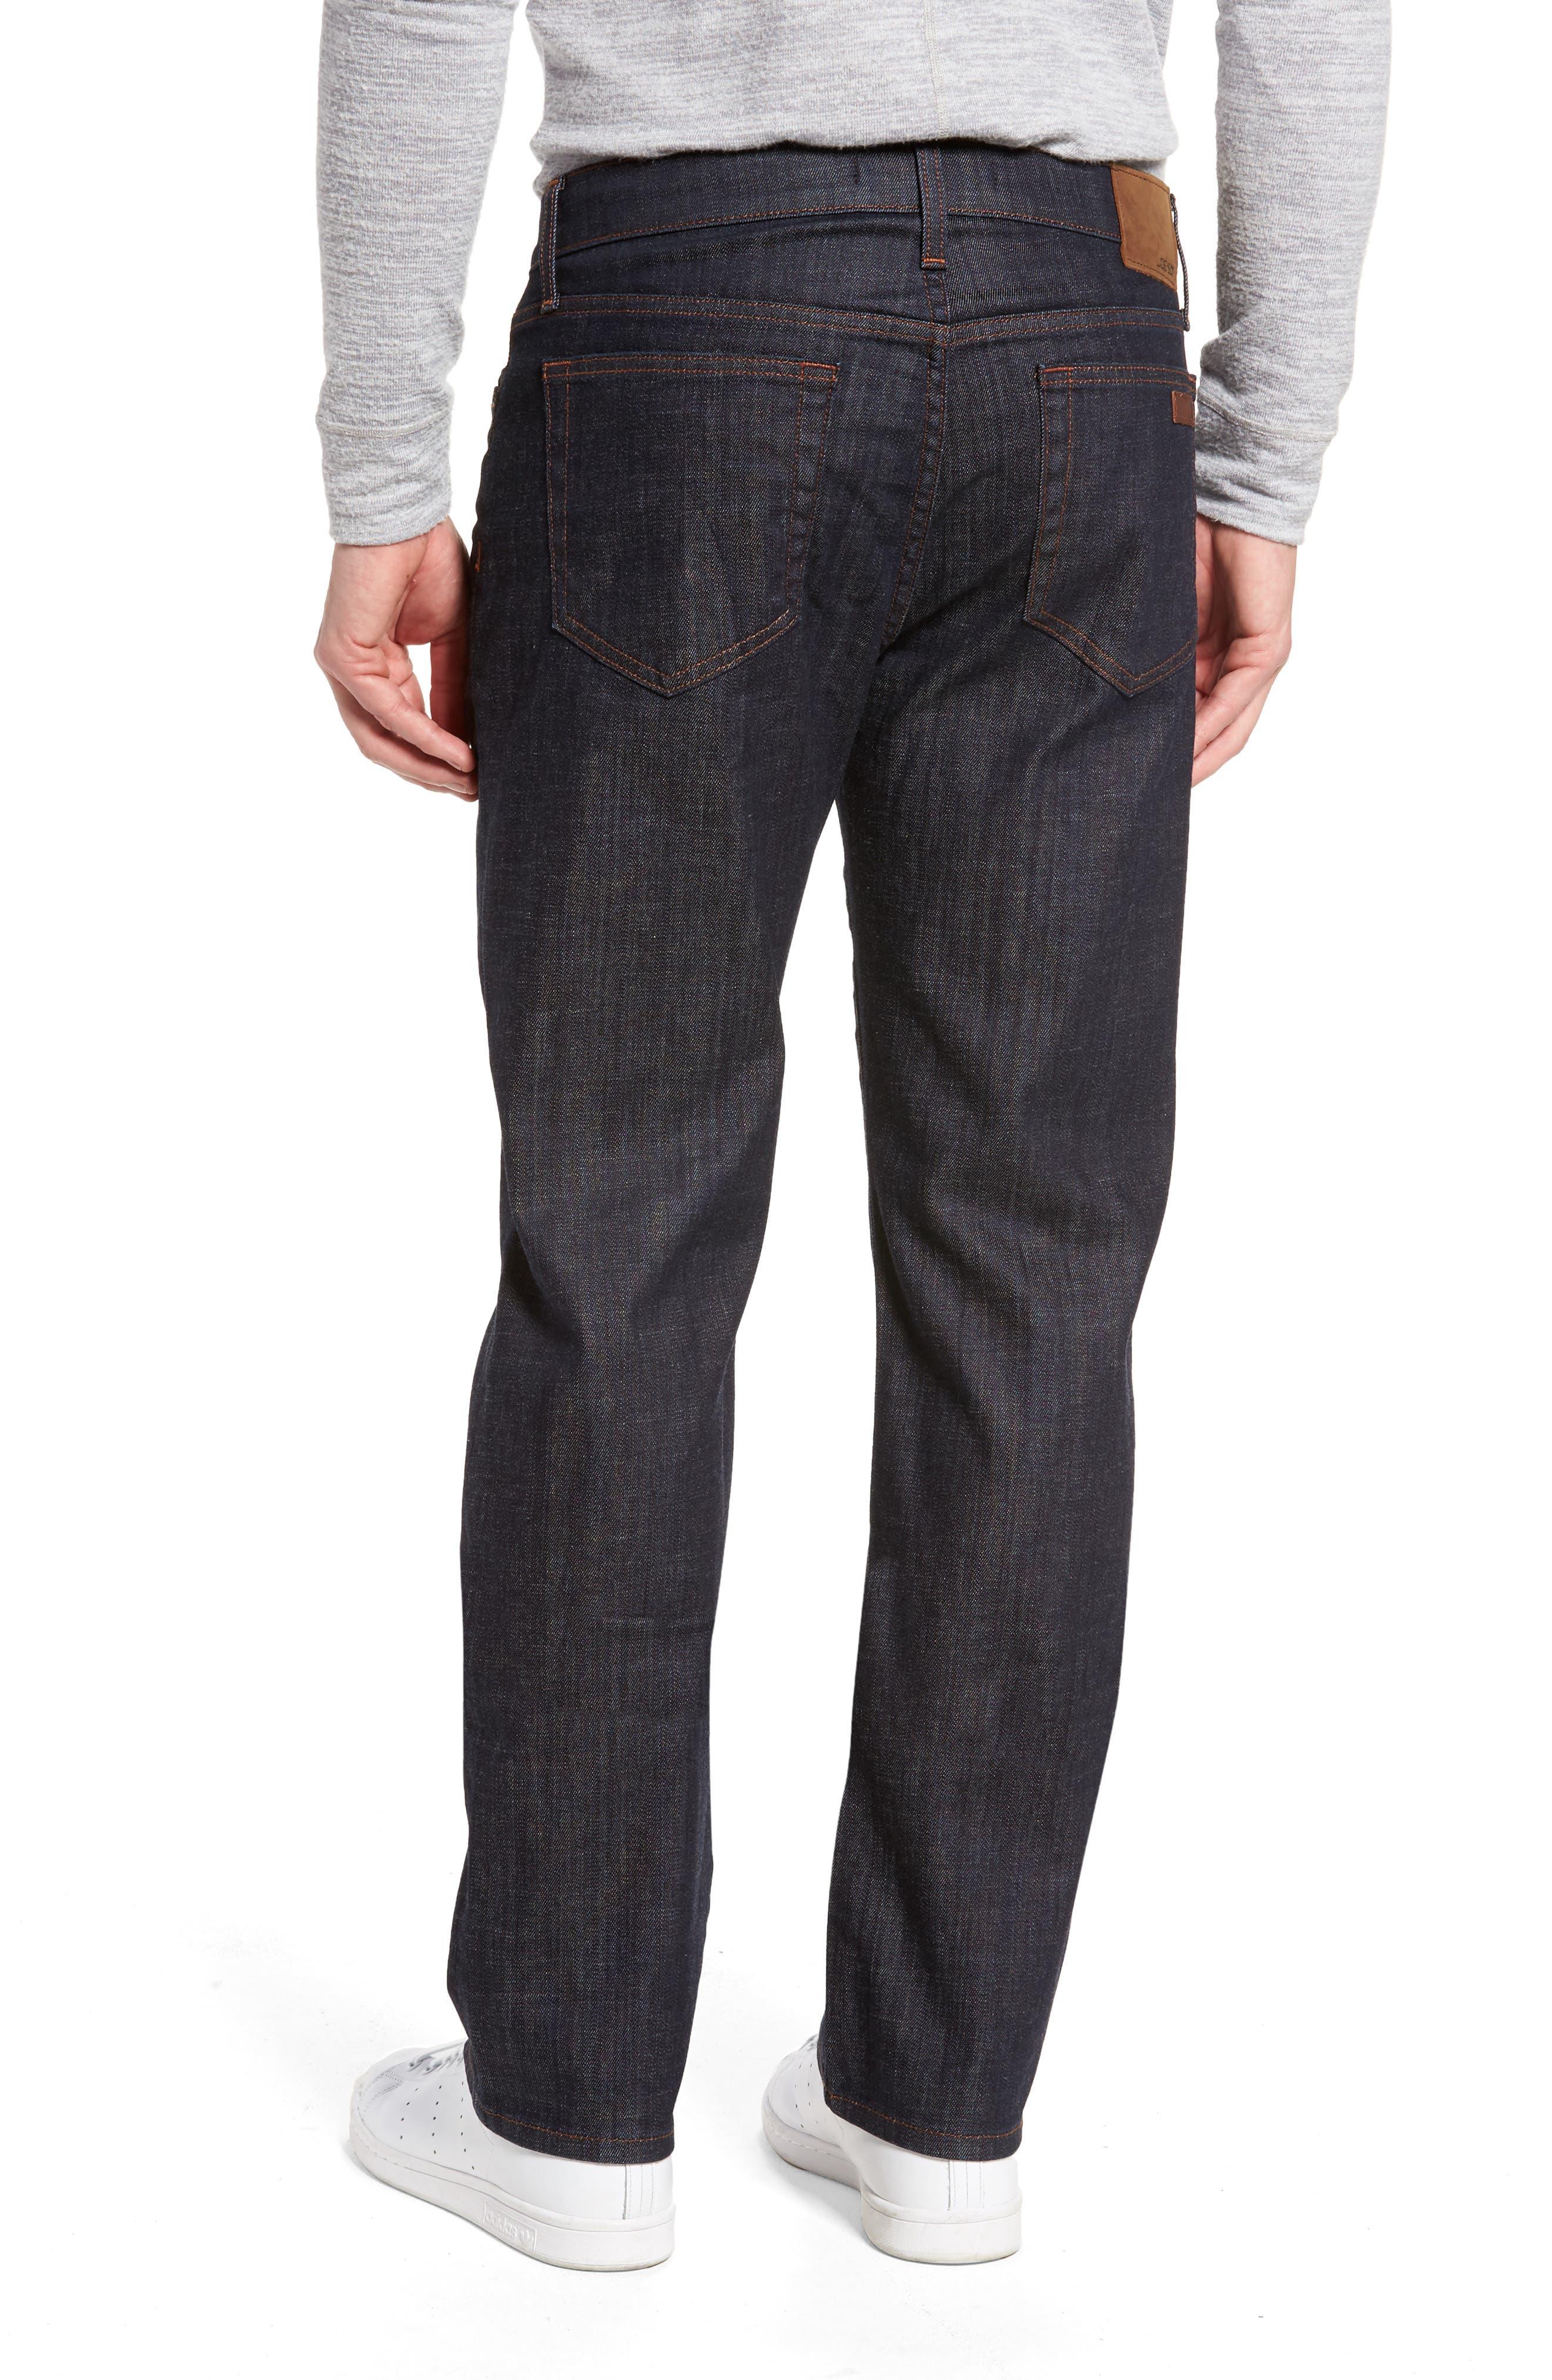 JOE'S,                             Classic Straight Leg Jeans,                             Alternate thumbnail 2, color,                             DAKOTA